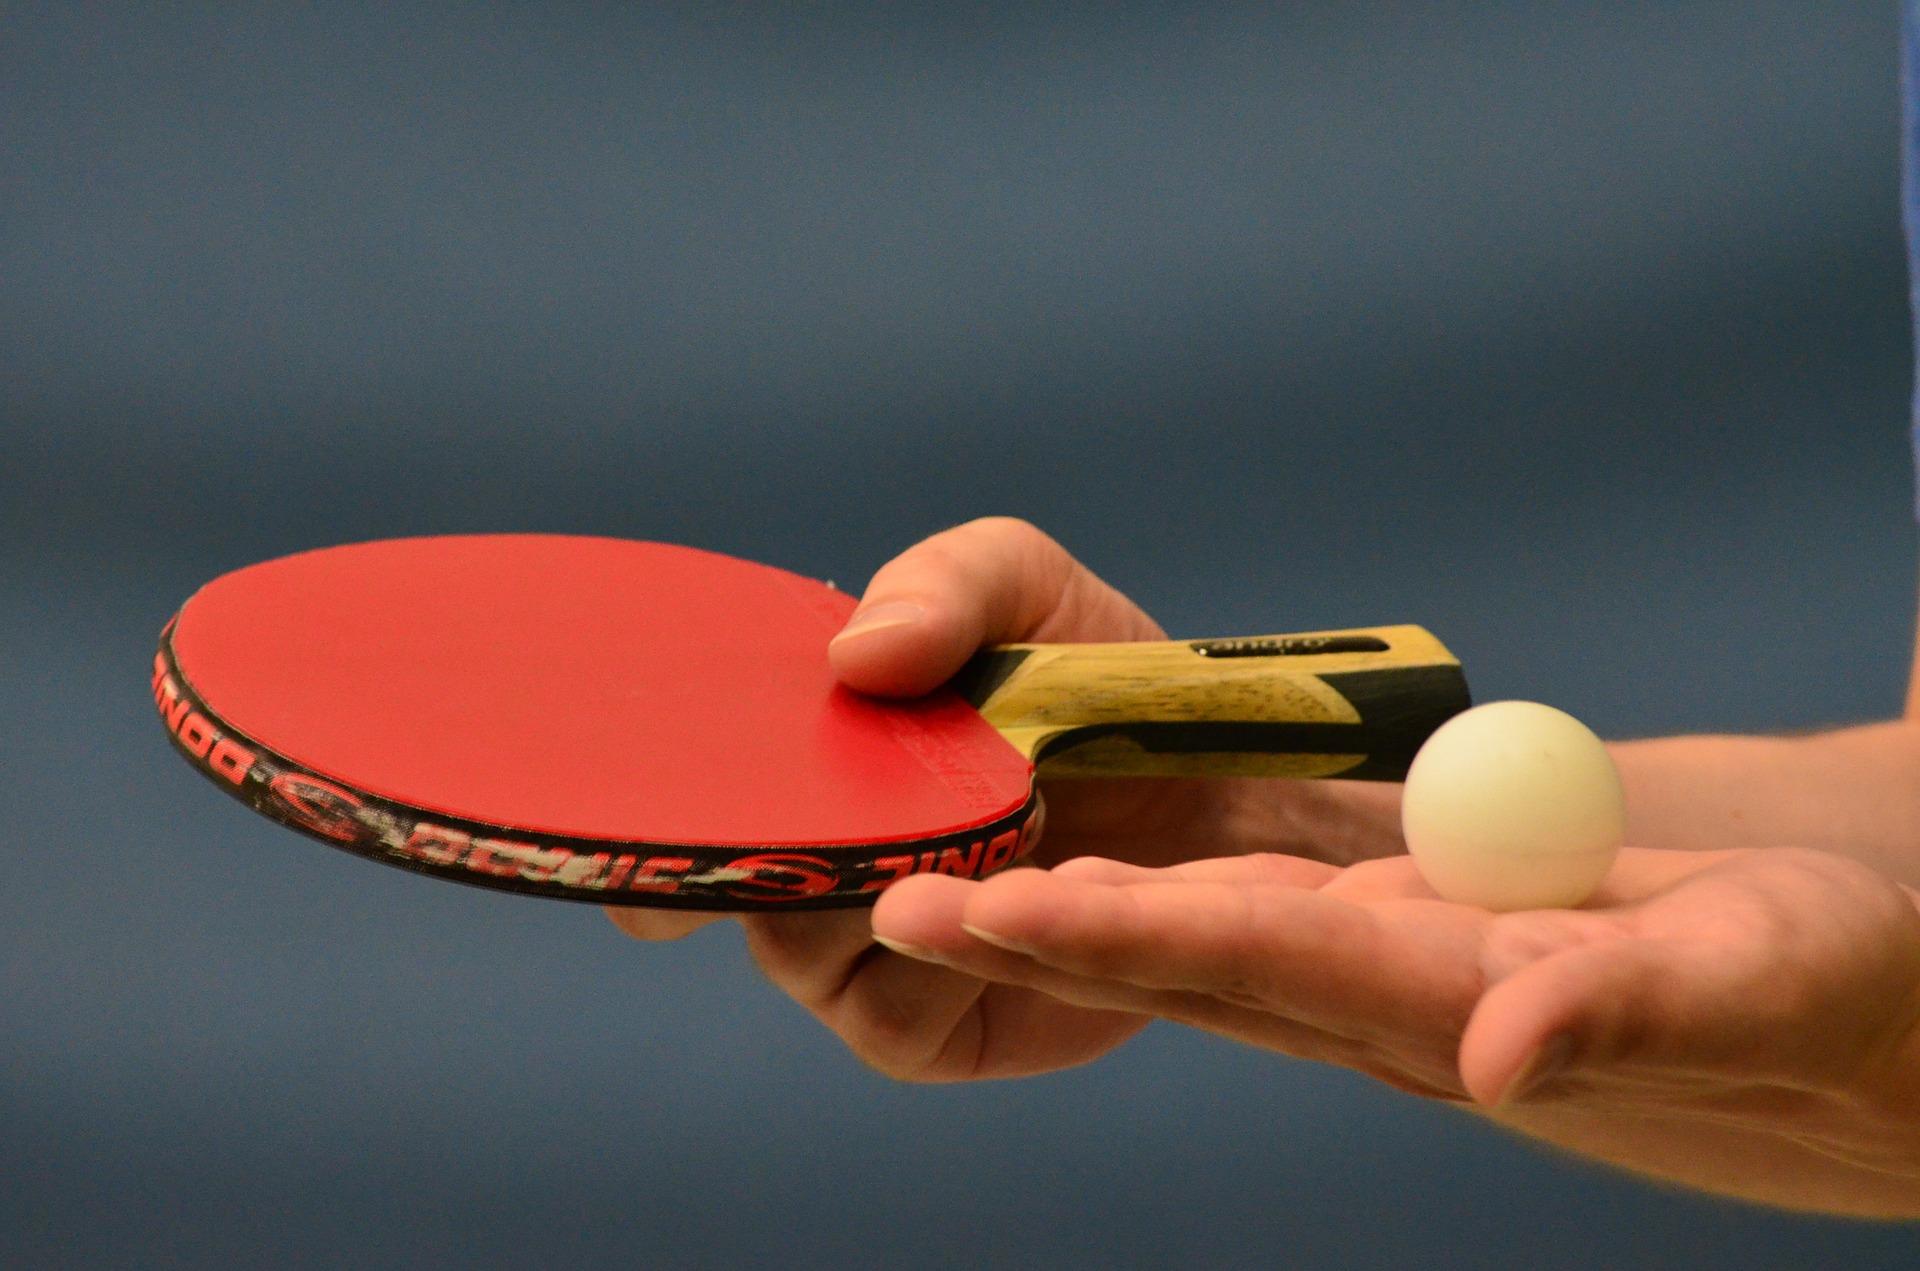 卓球下回転サーブの打ち方とコツ。初心者のための練習方法を紹介。